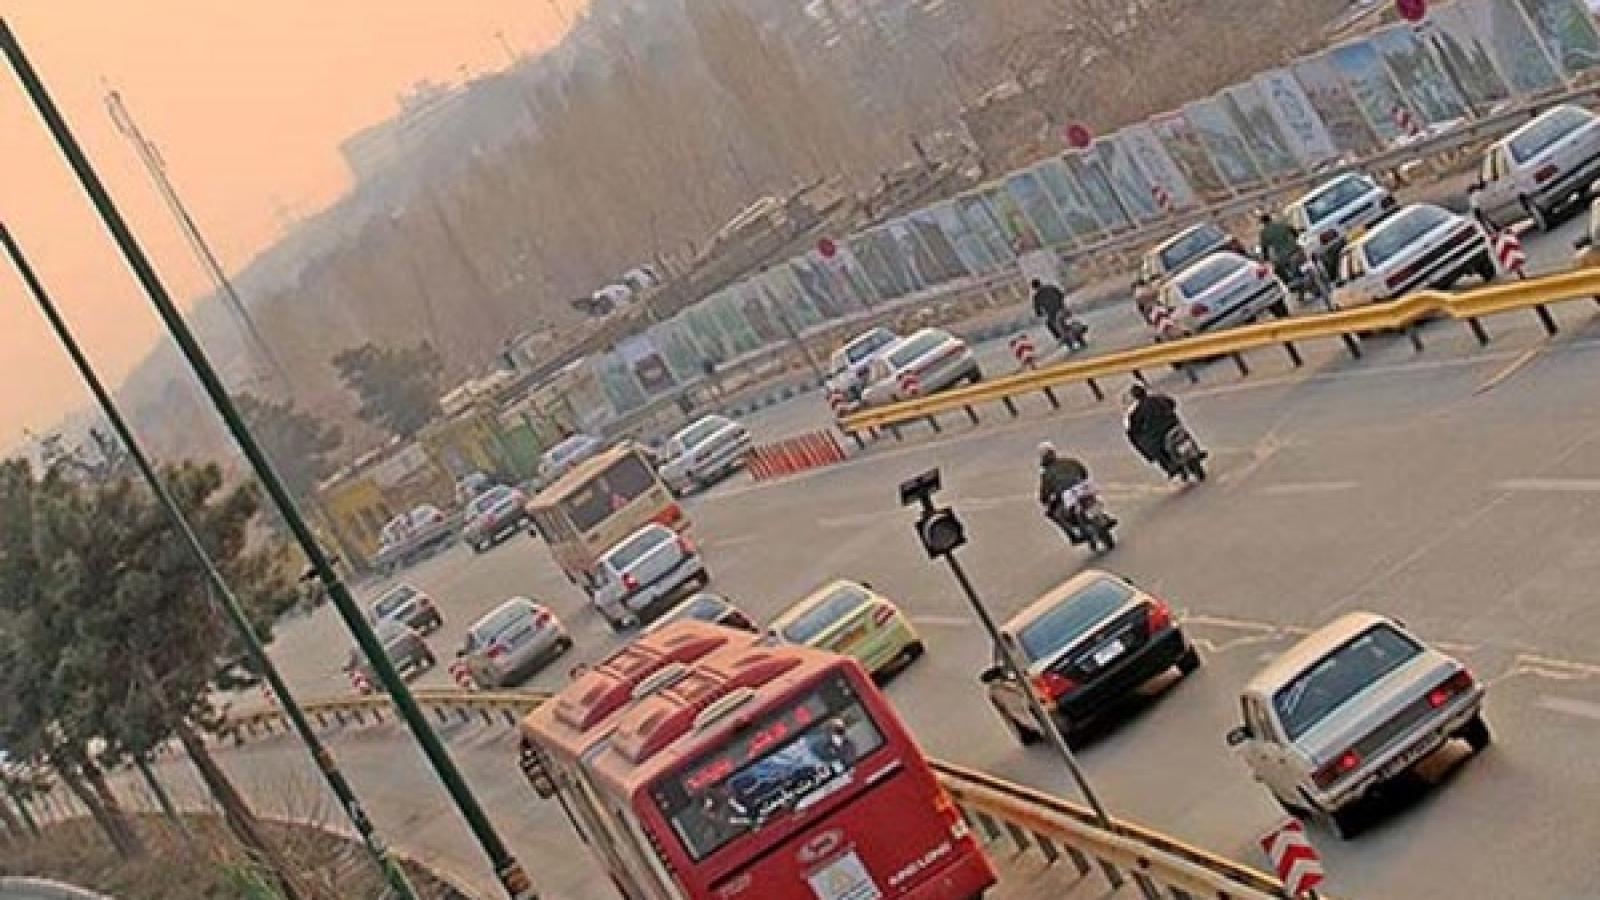 ارتقای کیفیت پروژههای روسازی ایستگاهها، پایانهها و مسیرهای اتوبوسهای تندرو - اجاره خودرو طباطبایی